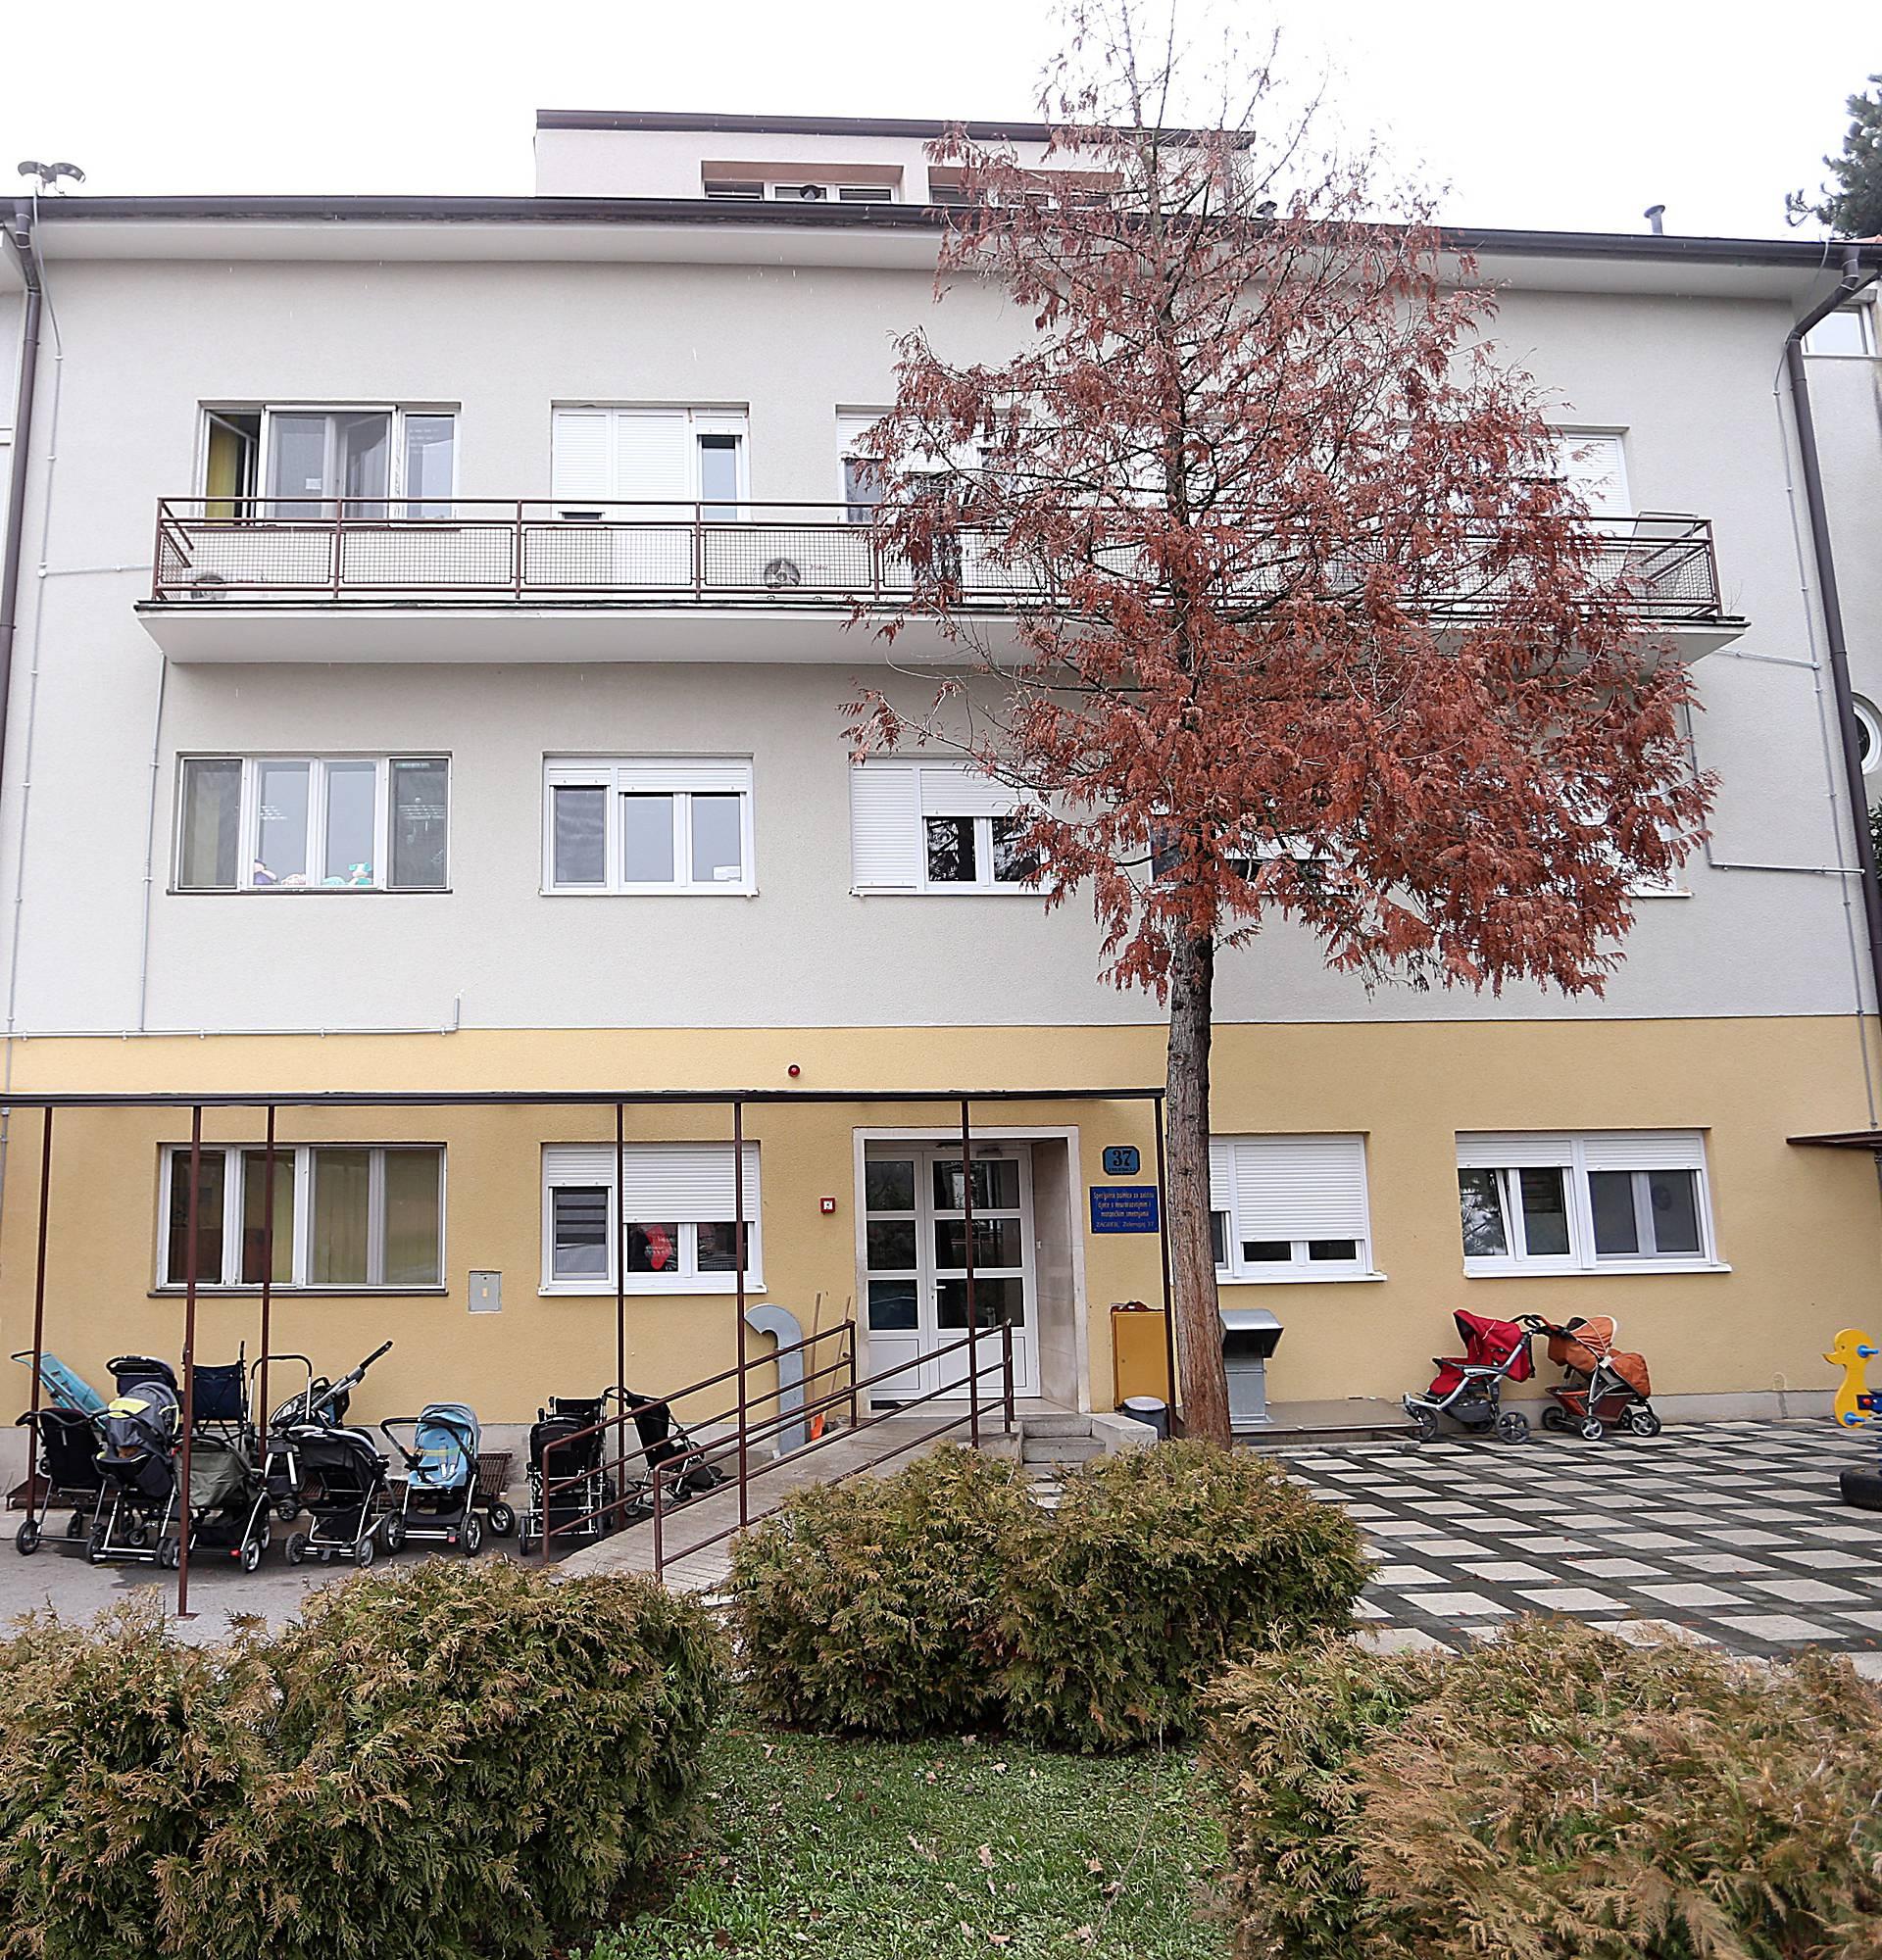 Policija o slučaju Goljak: Nema elemenata kaznenog djela